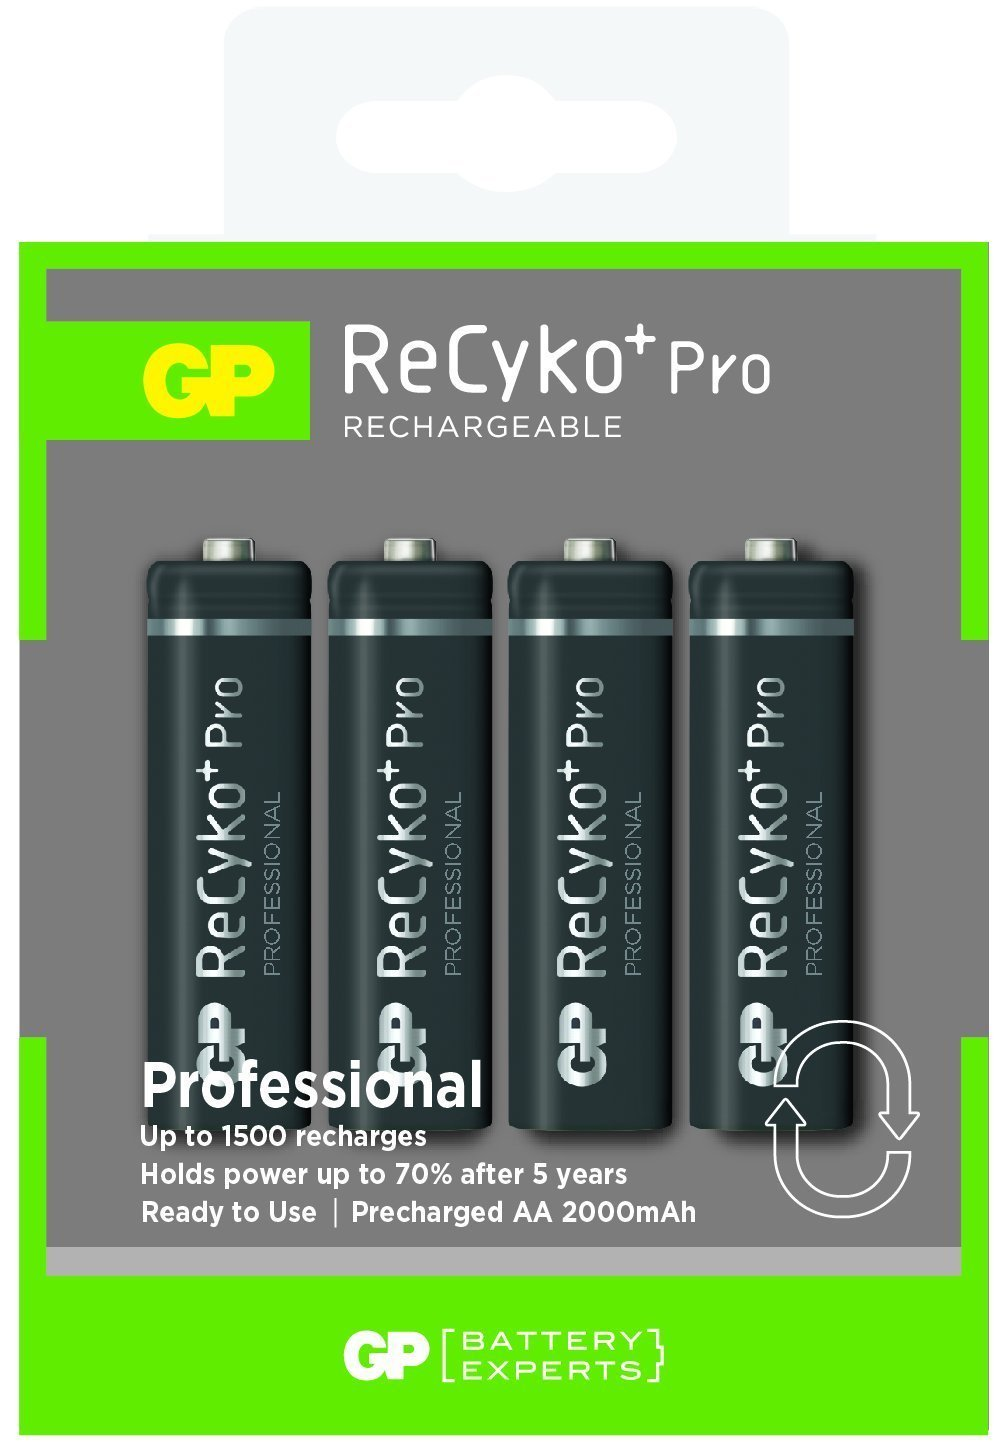 D1268X 4 x akumulator GP RECYKO+ PRO AA 2000mAh